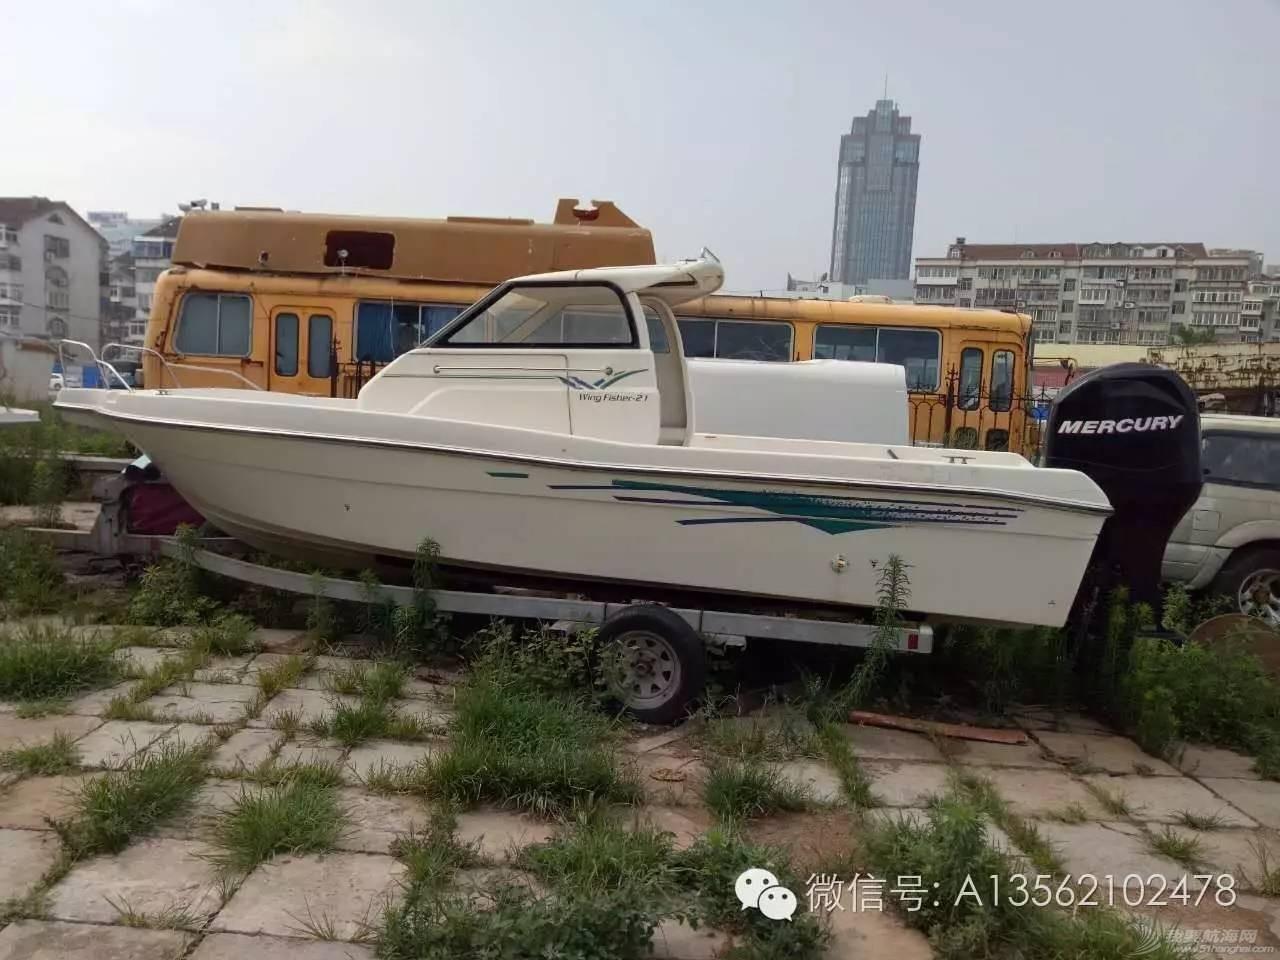 玻璃钢船,厂家直销 厂家直销钓鱼船,玻璃钢船,海钓船,钓鱼艇 23.jpg